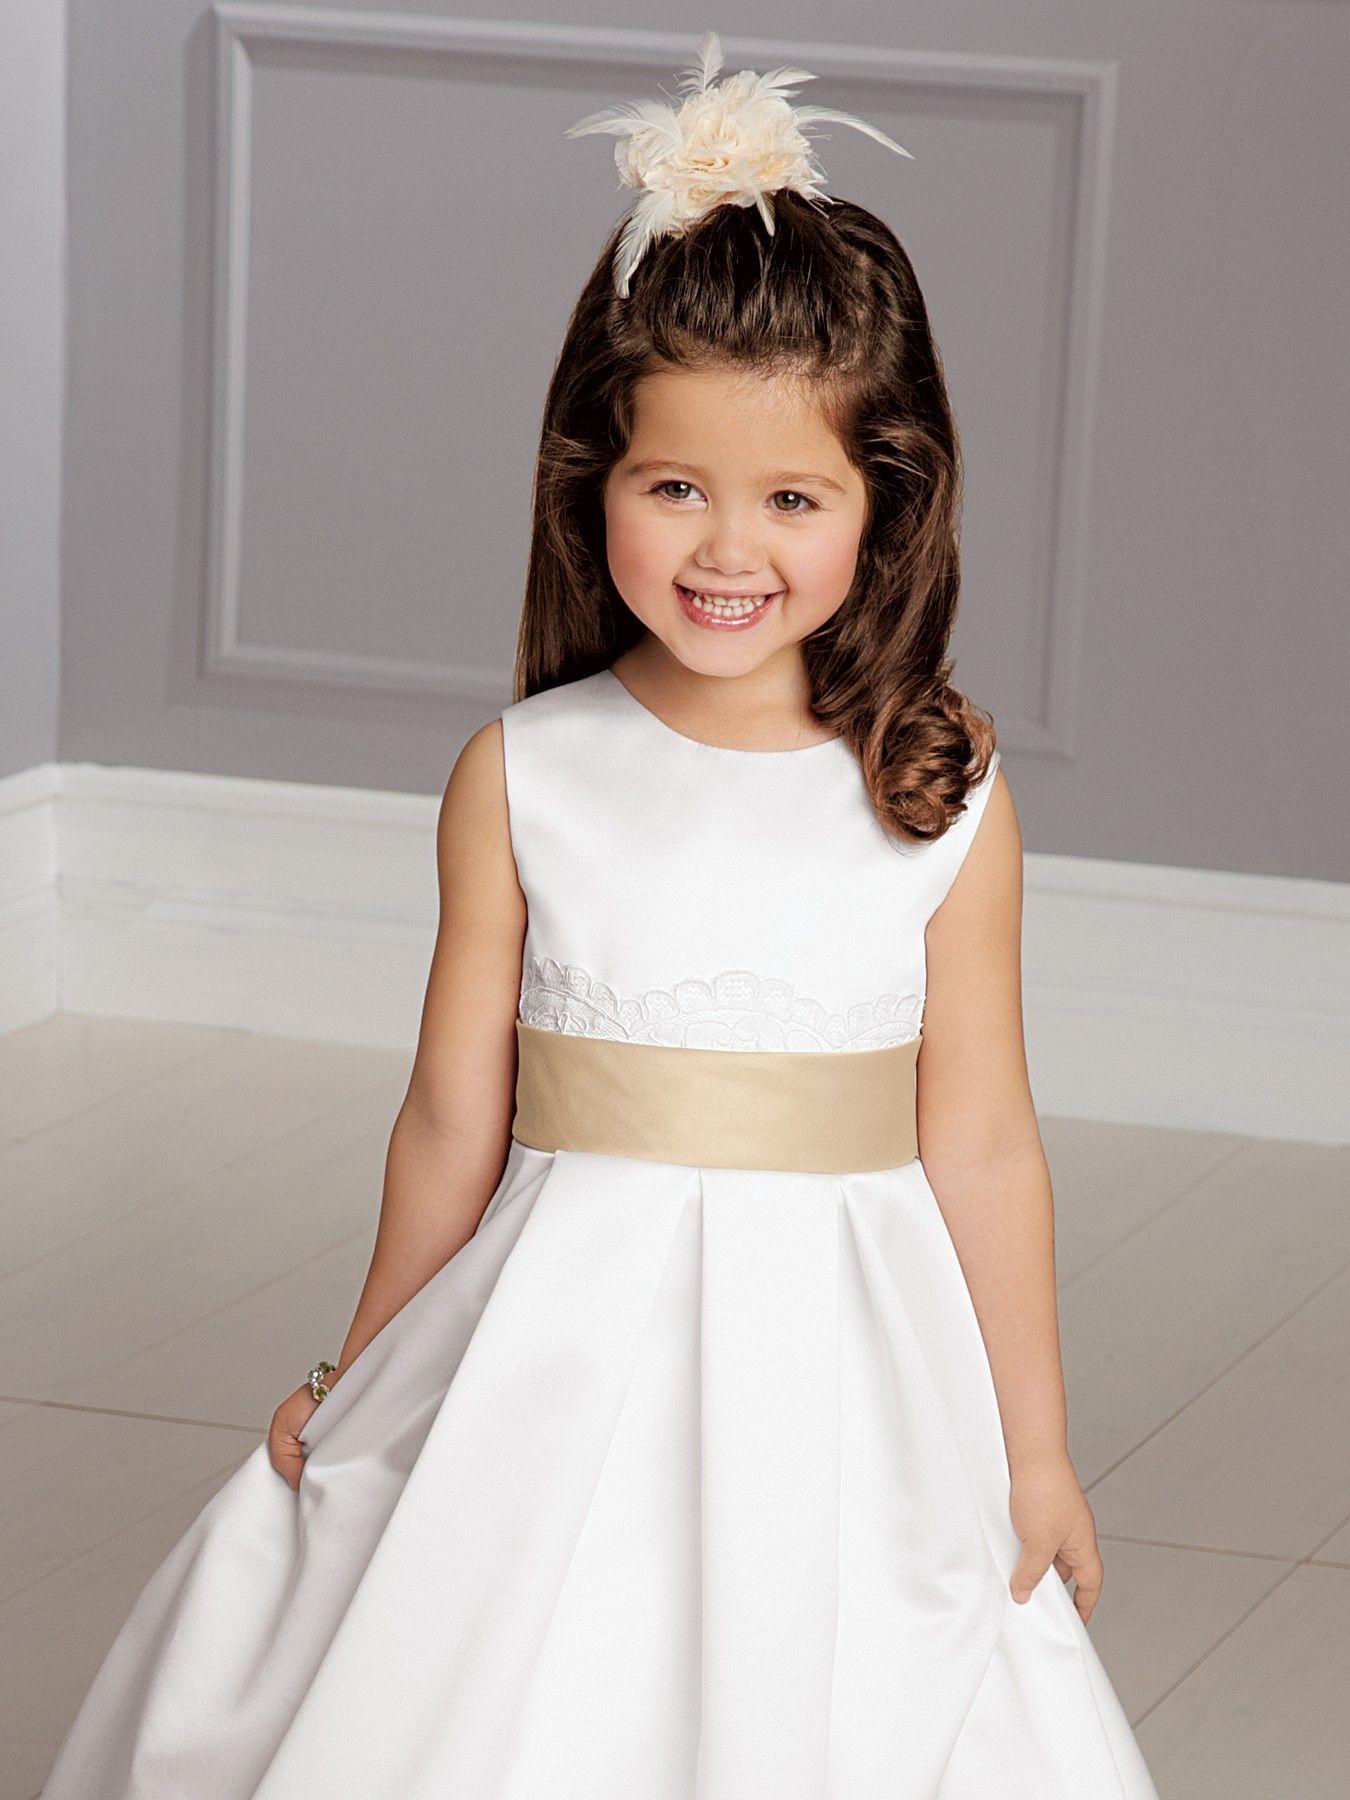 White scoop ball gown sash ankleu floor length satin flower girl